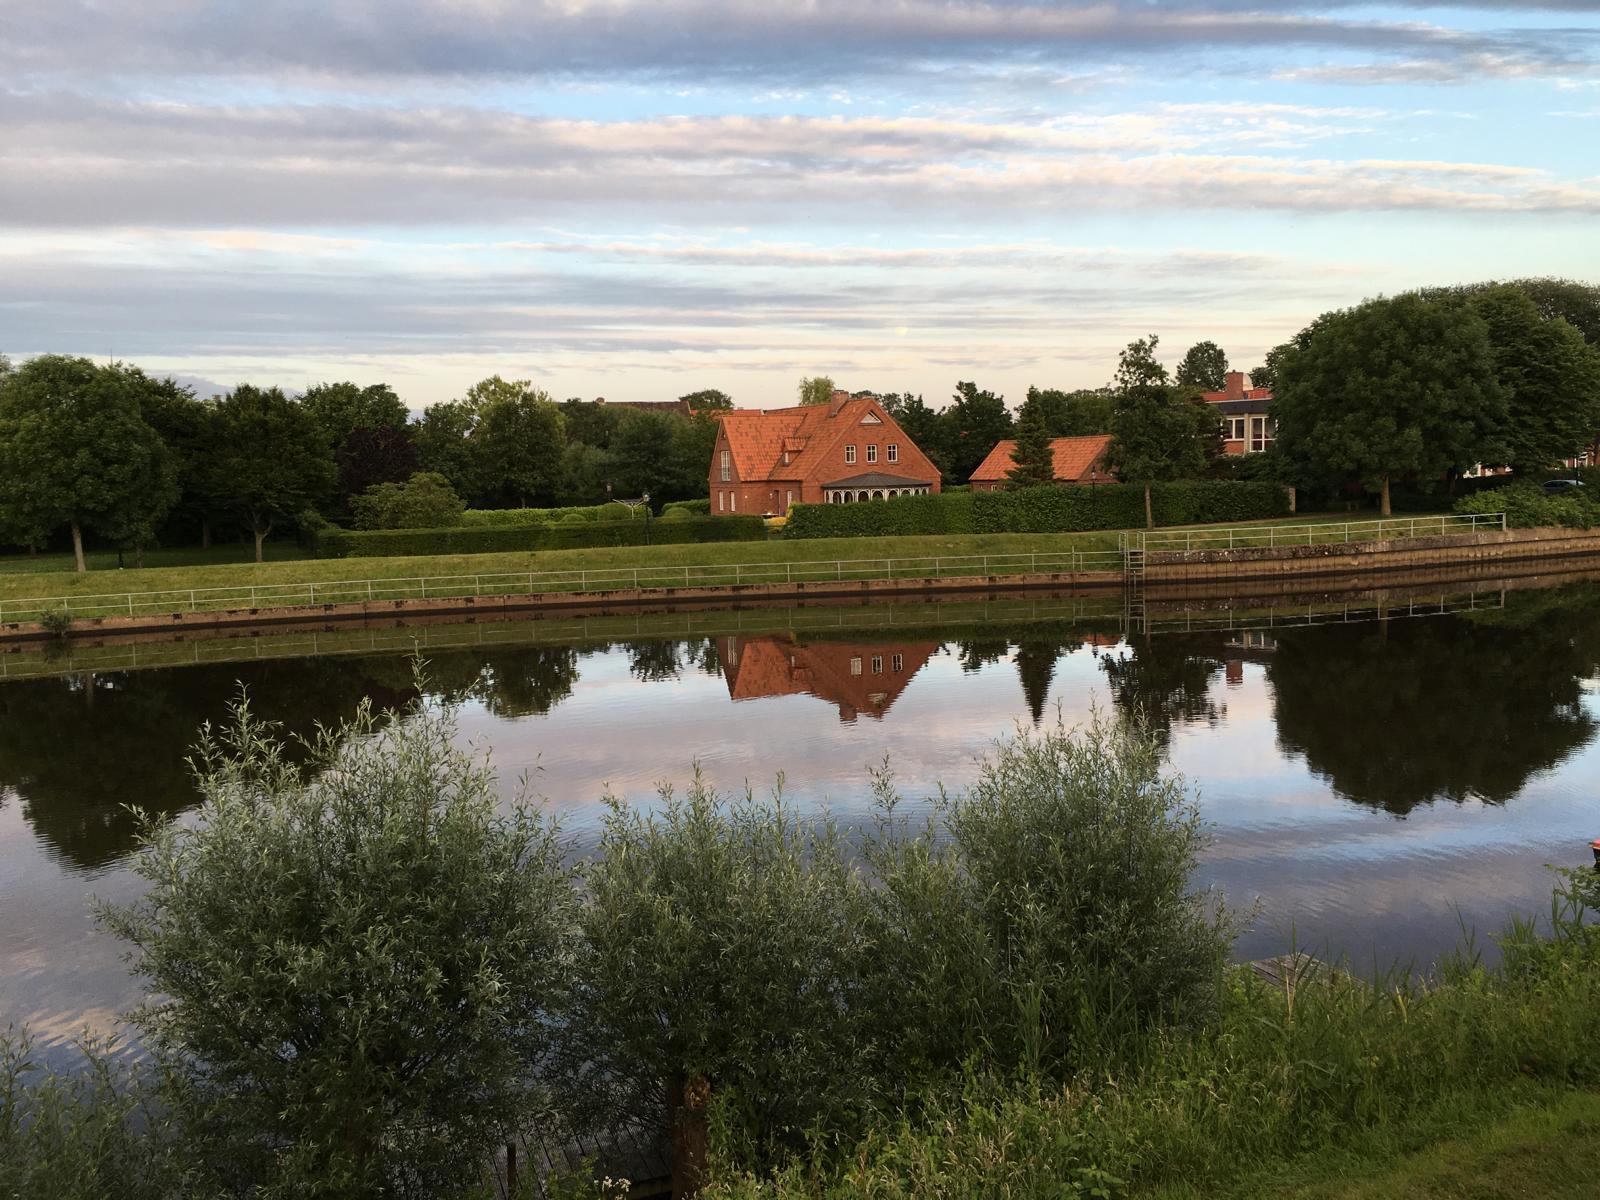 Bauernhaus an Fluss